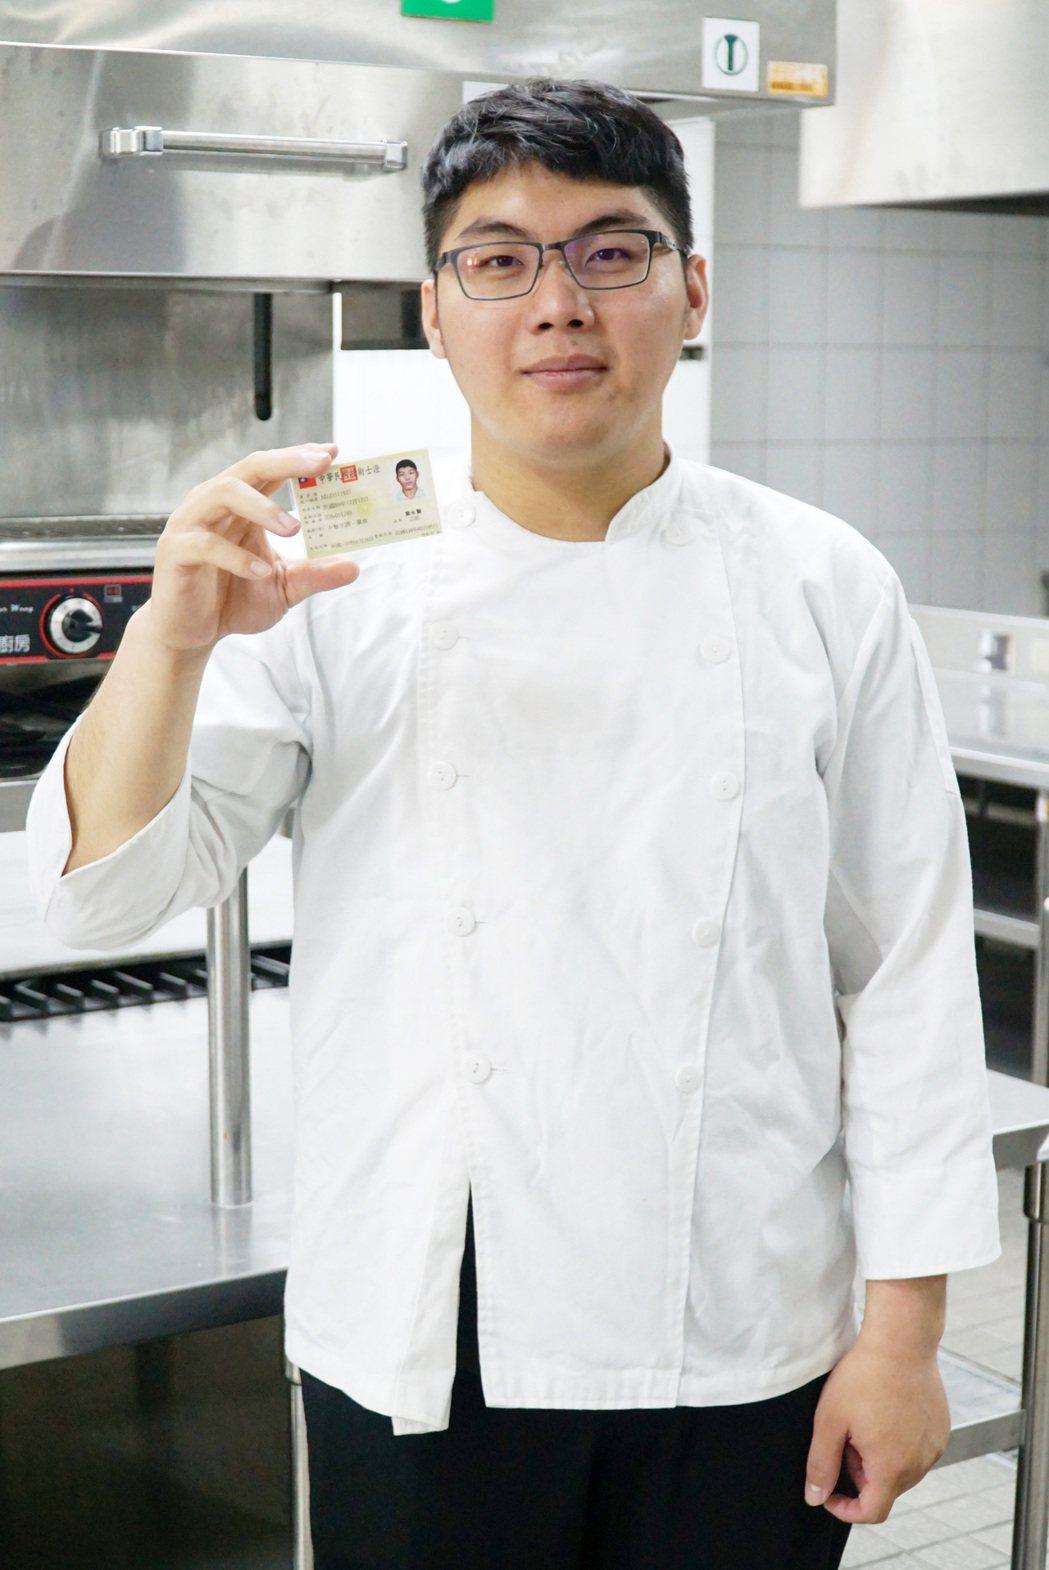 大葉大學餐旅系大二生葉永賢考取中餐烹調乙級技術士證照。 大葉大學/提供。